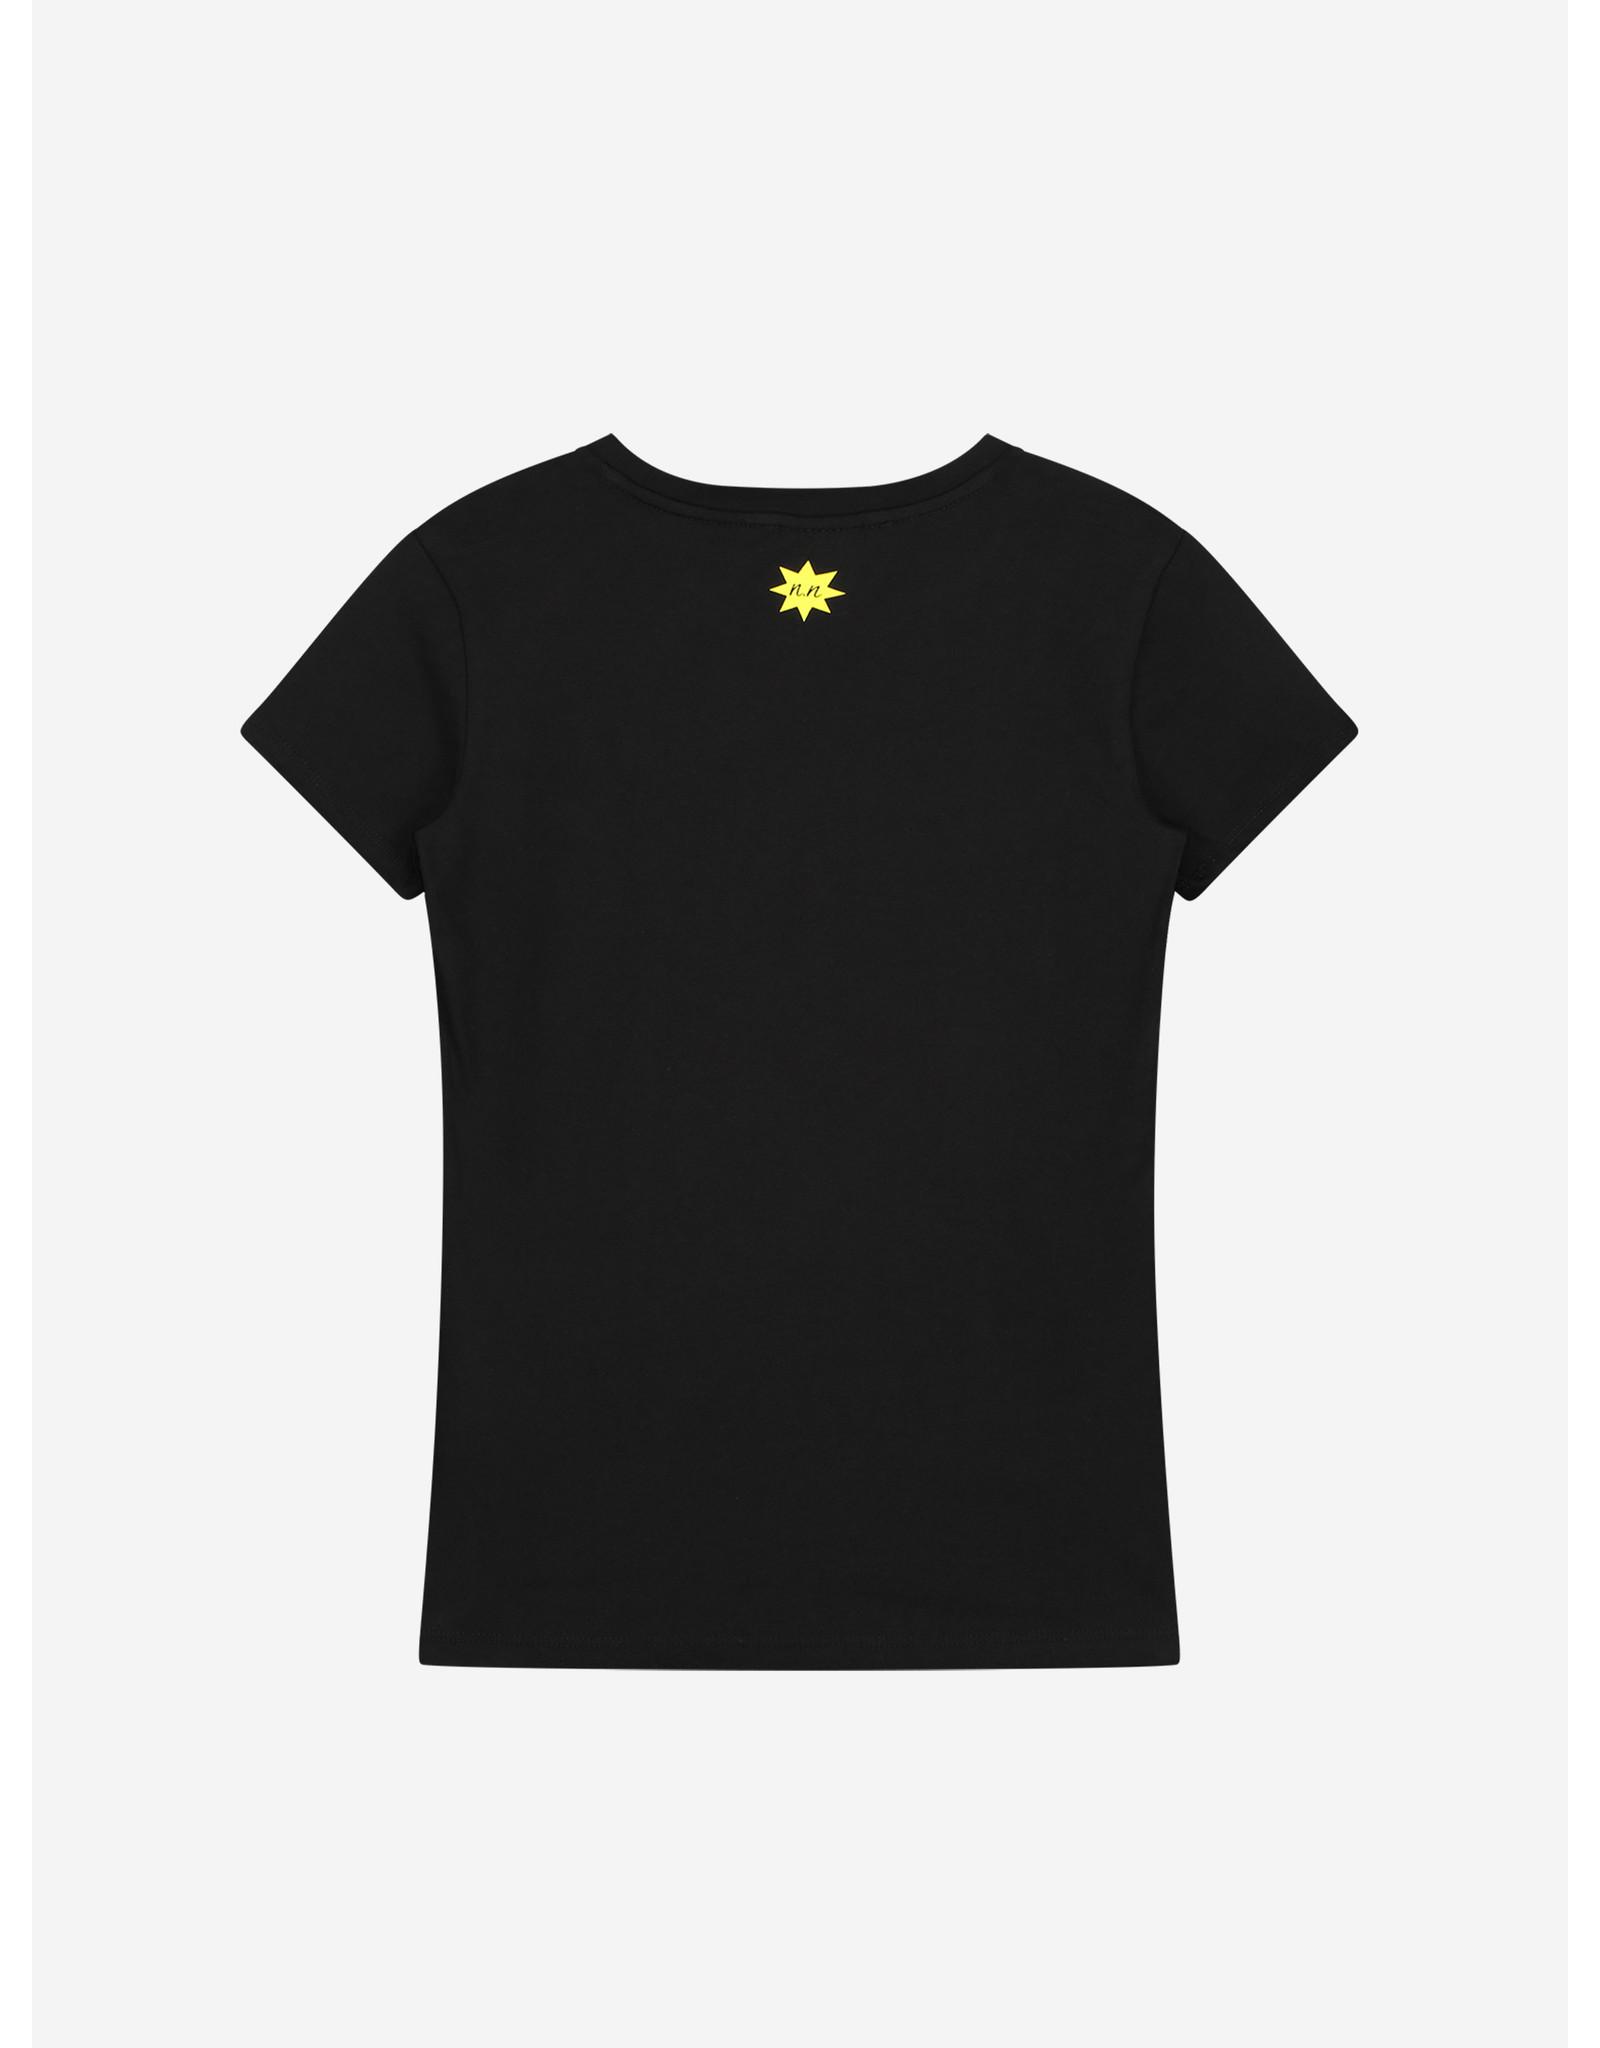 NIK & NIK Friday's shirt